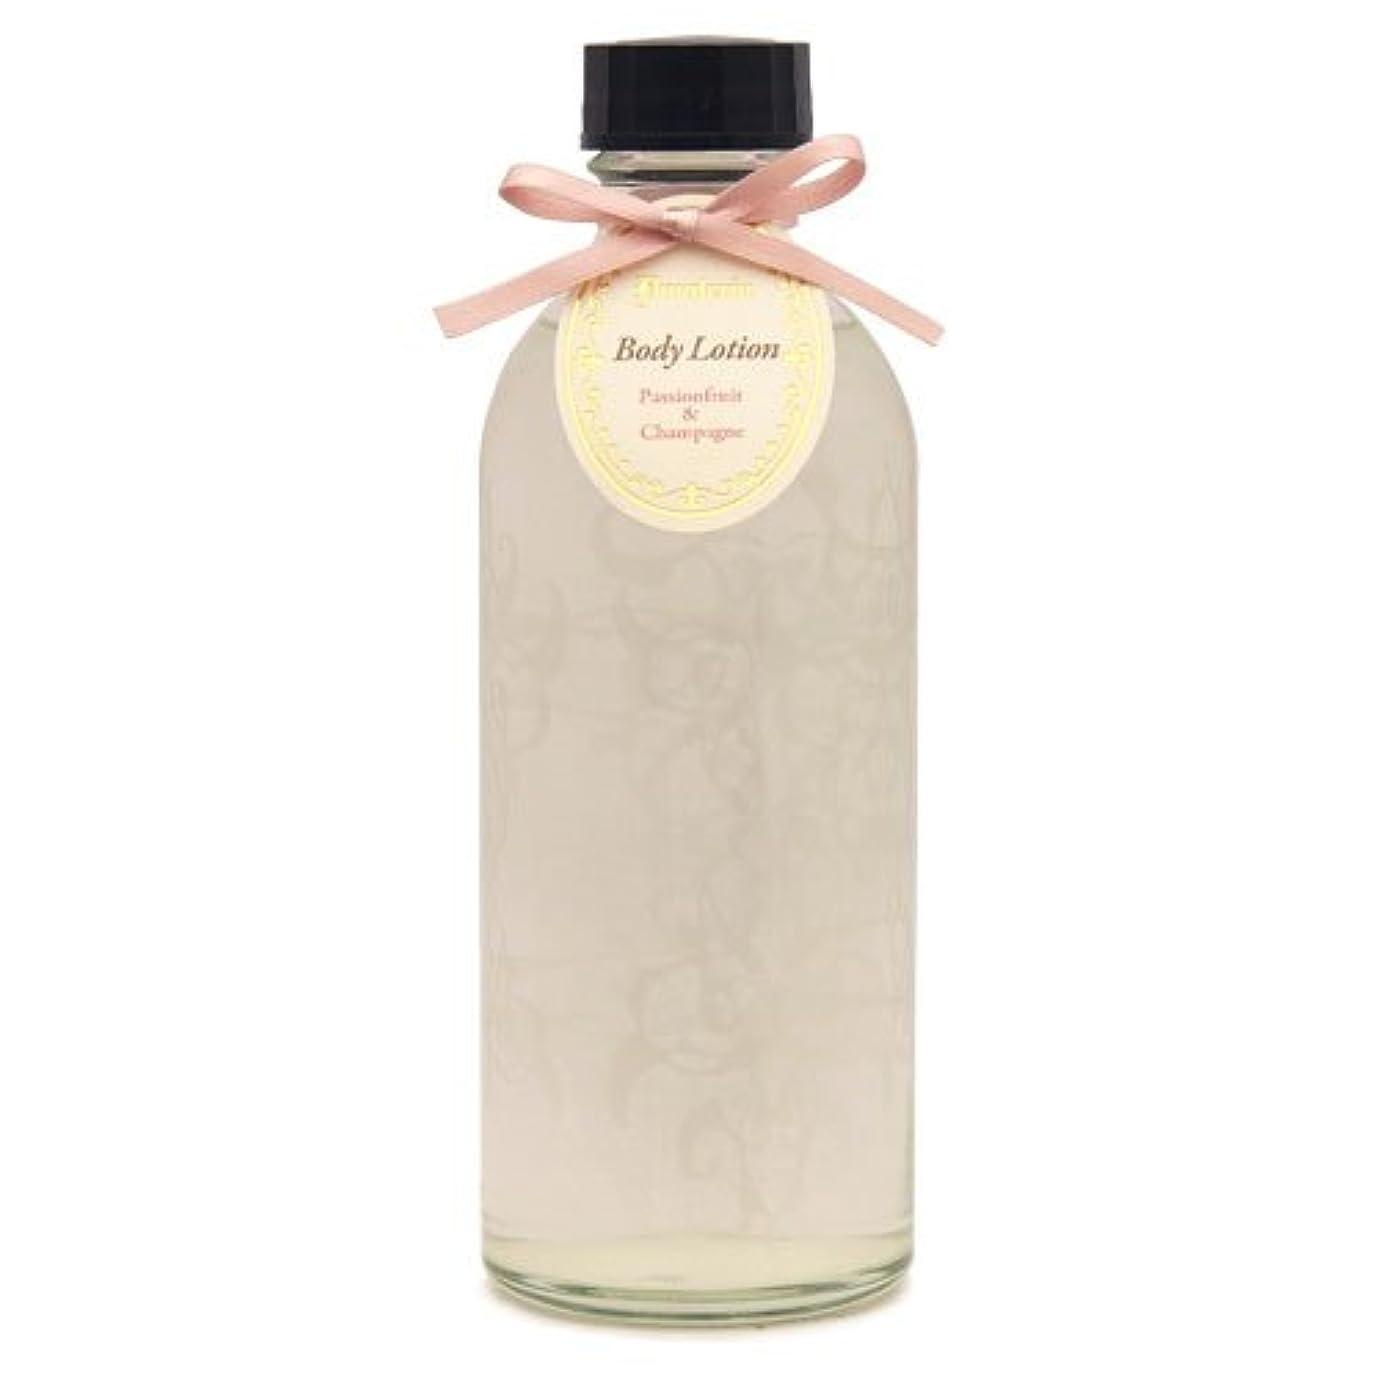 宿泊回答左D materia ボディローション パッションフルーツ&シャンパン Passionfruit&Champagne Body Lotion ディーマテリア